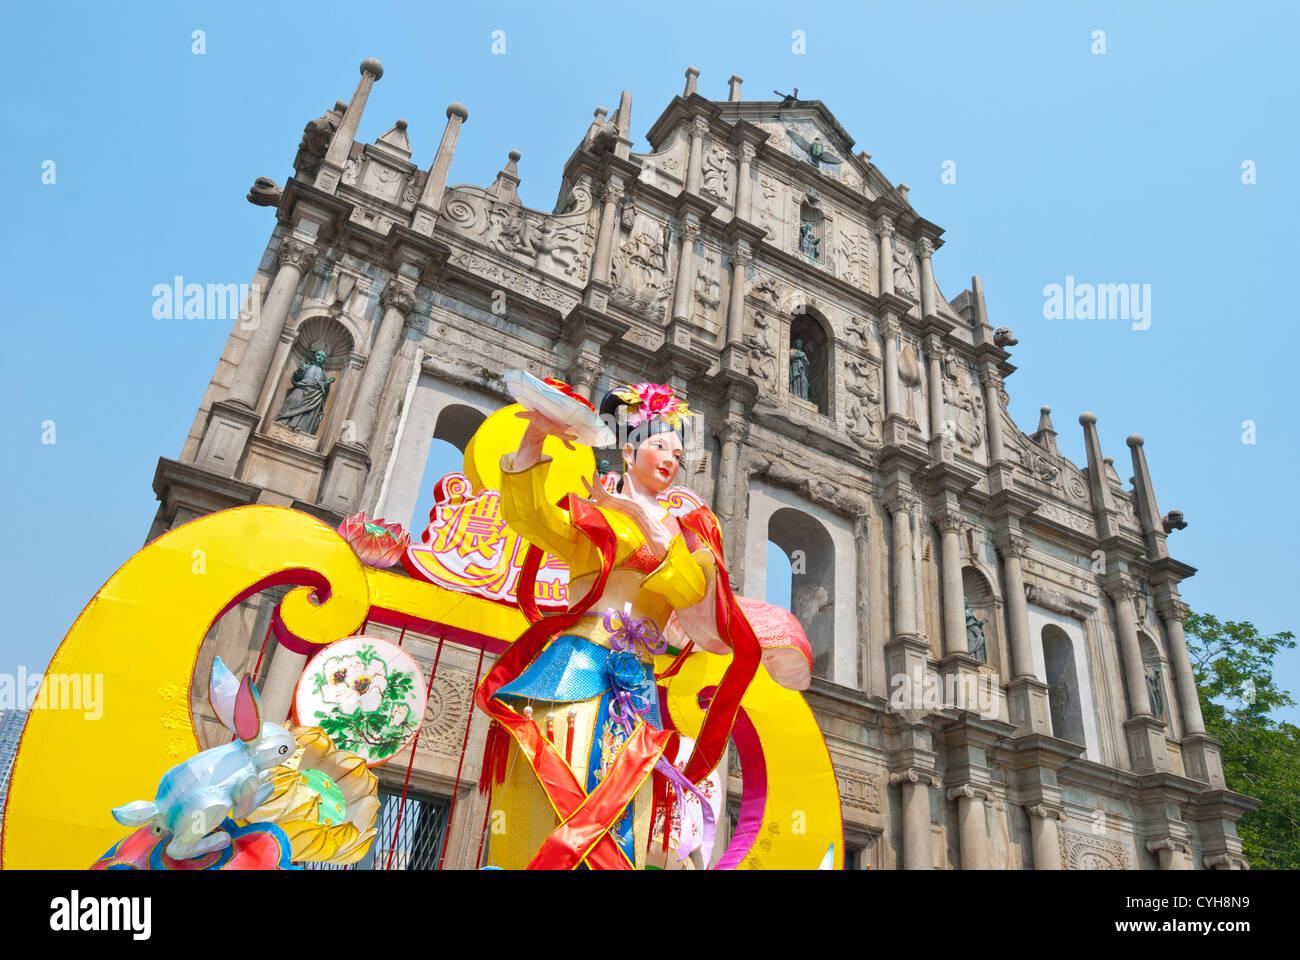 Les ruines de St Paul's, Macao, avec des décorations de fête Photo Stock